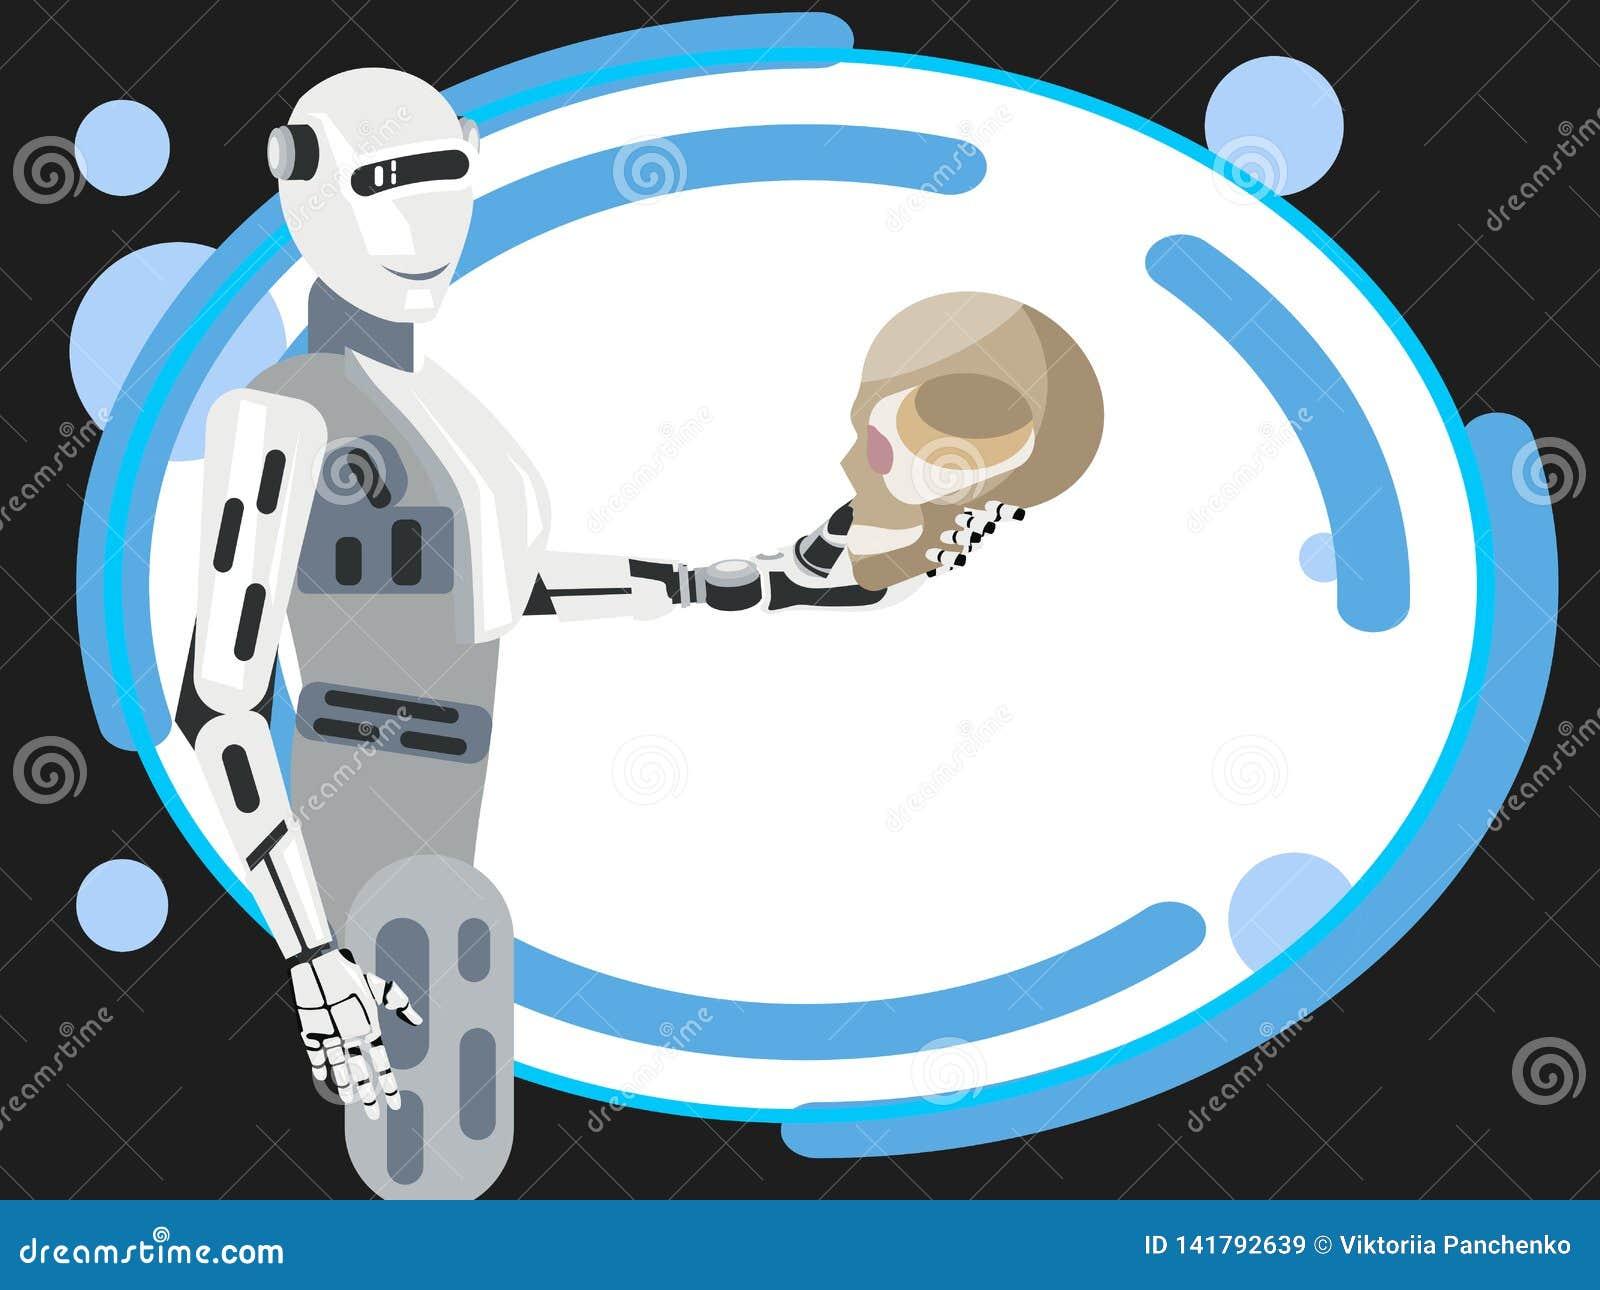 Przyszłość ludzkość trzyma ludzką czaszkę robot W minimalisty stylu kreskówki mieszkania wektorze